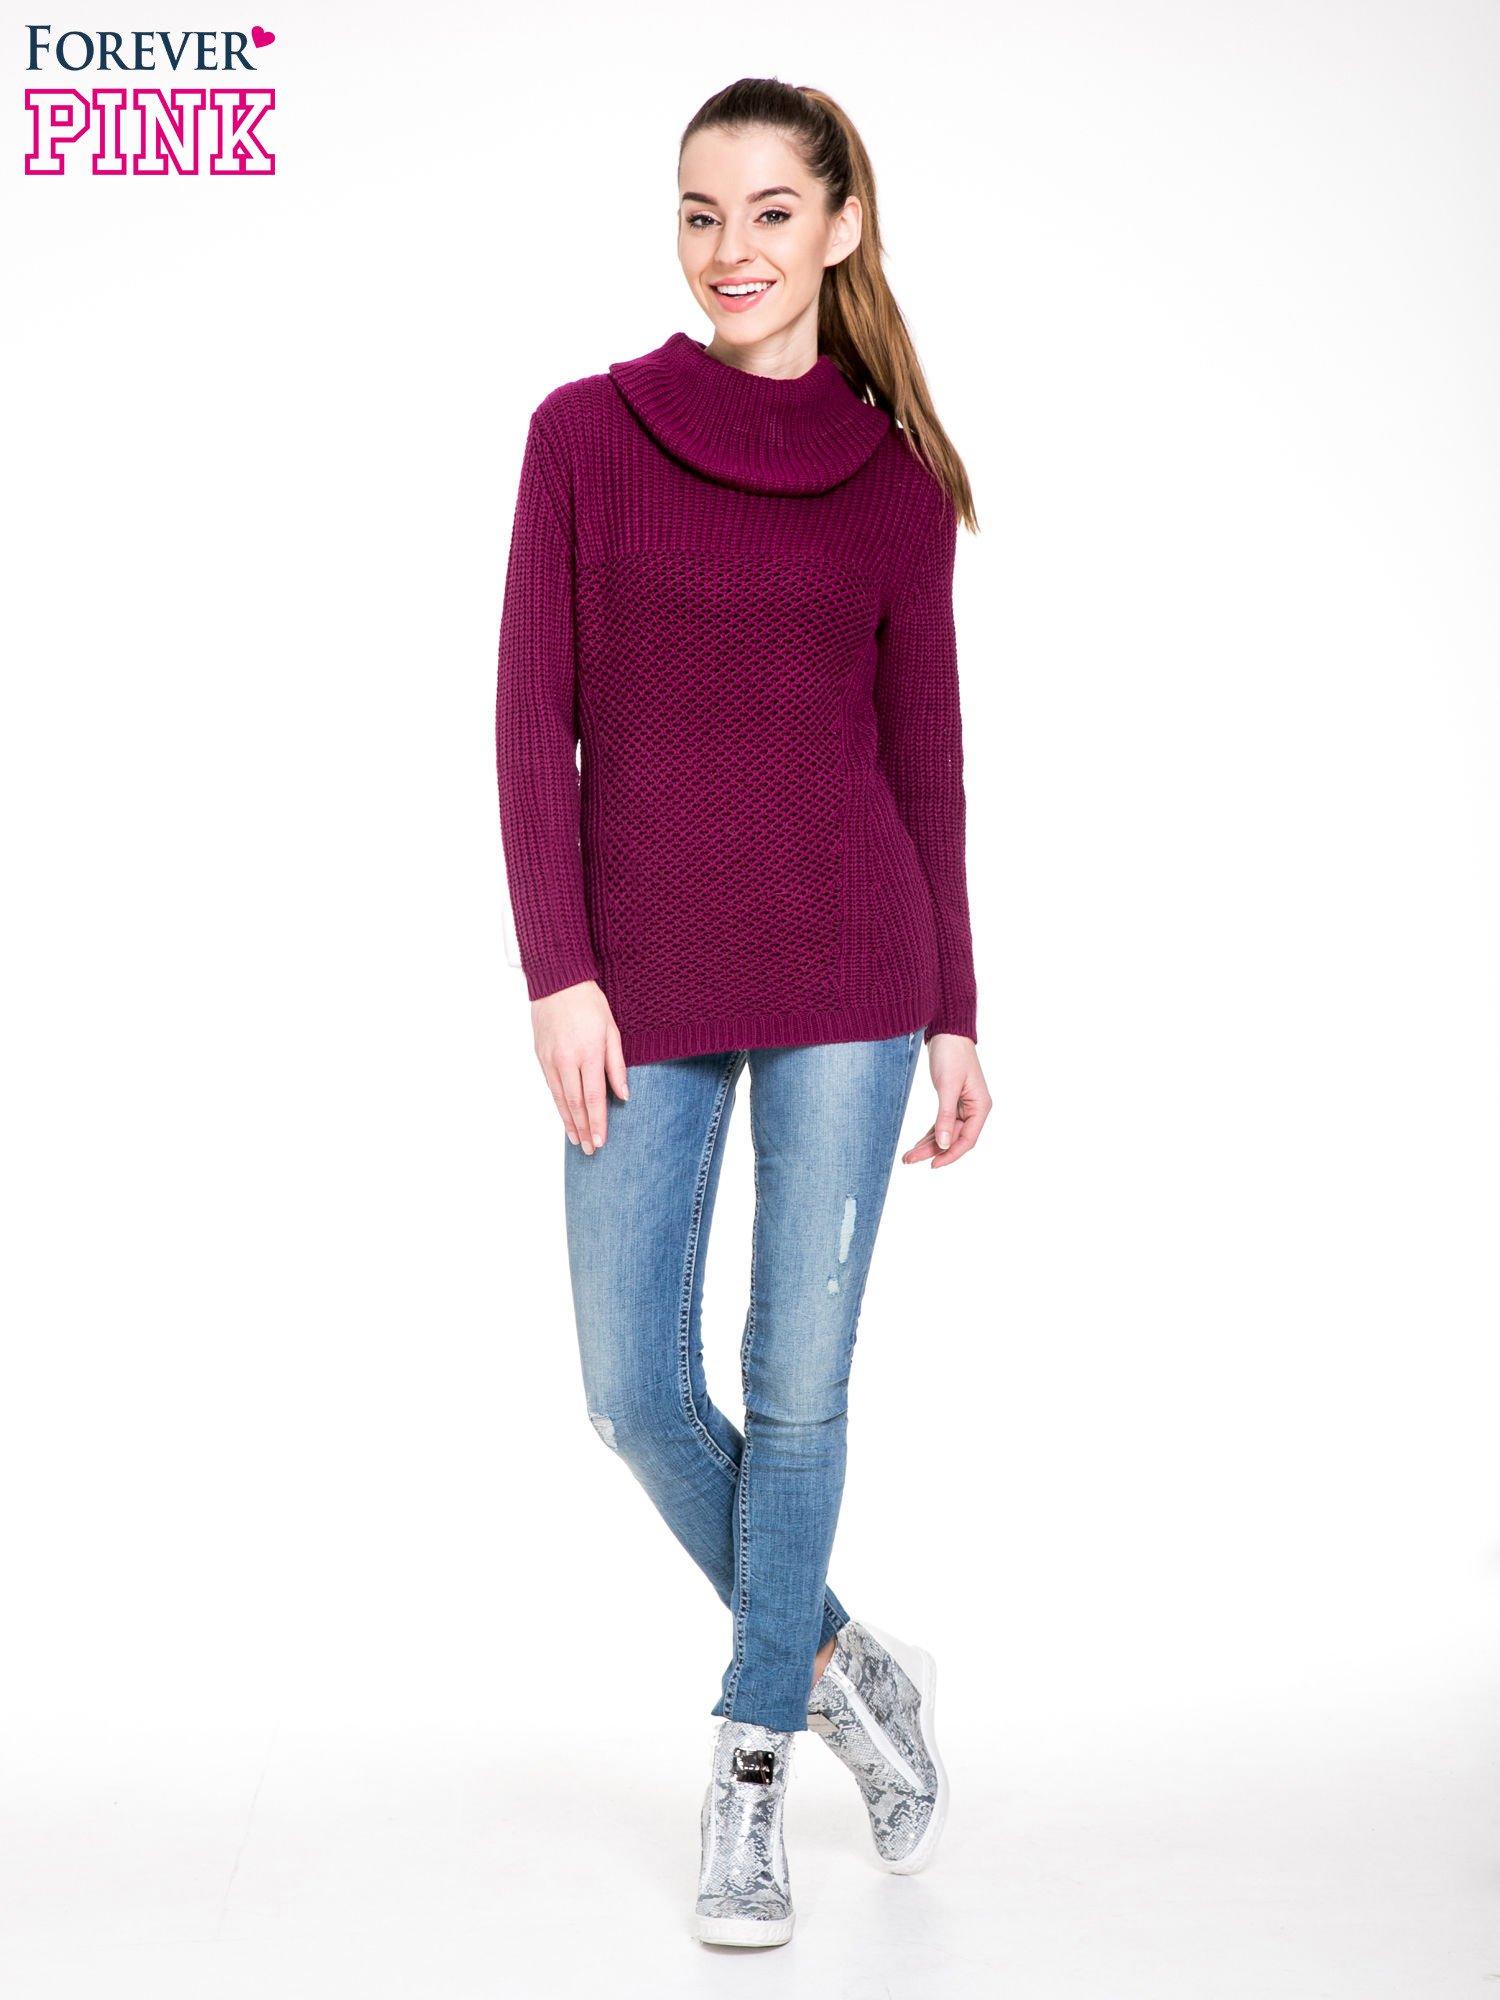 Bordowy ciepły sweter z golfowym kołnierzem                                  zdj.                                  2